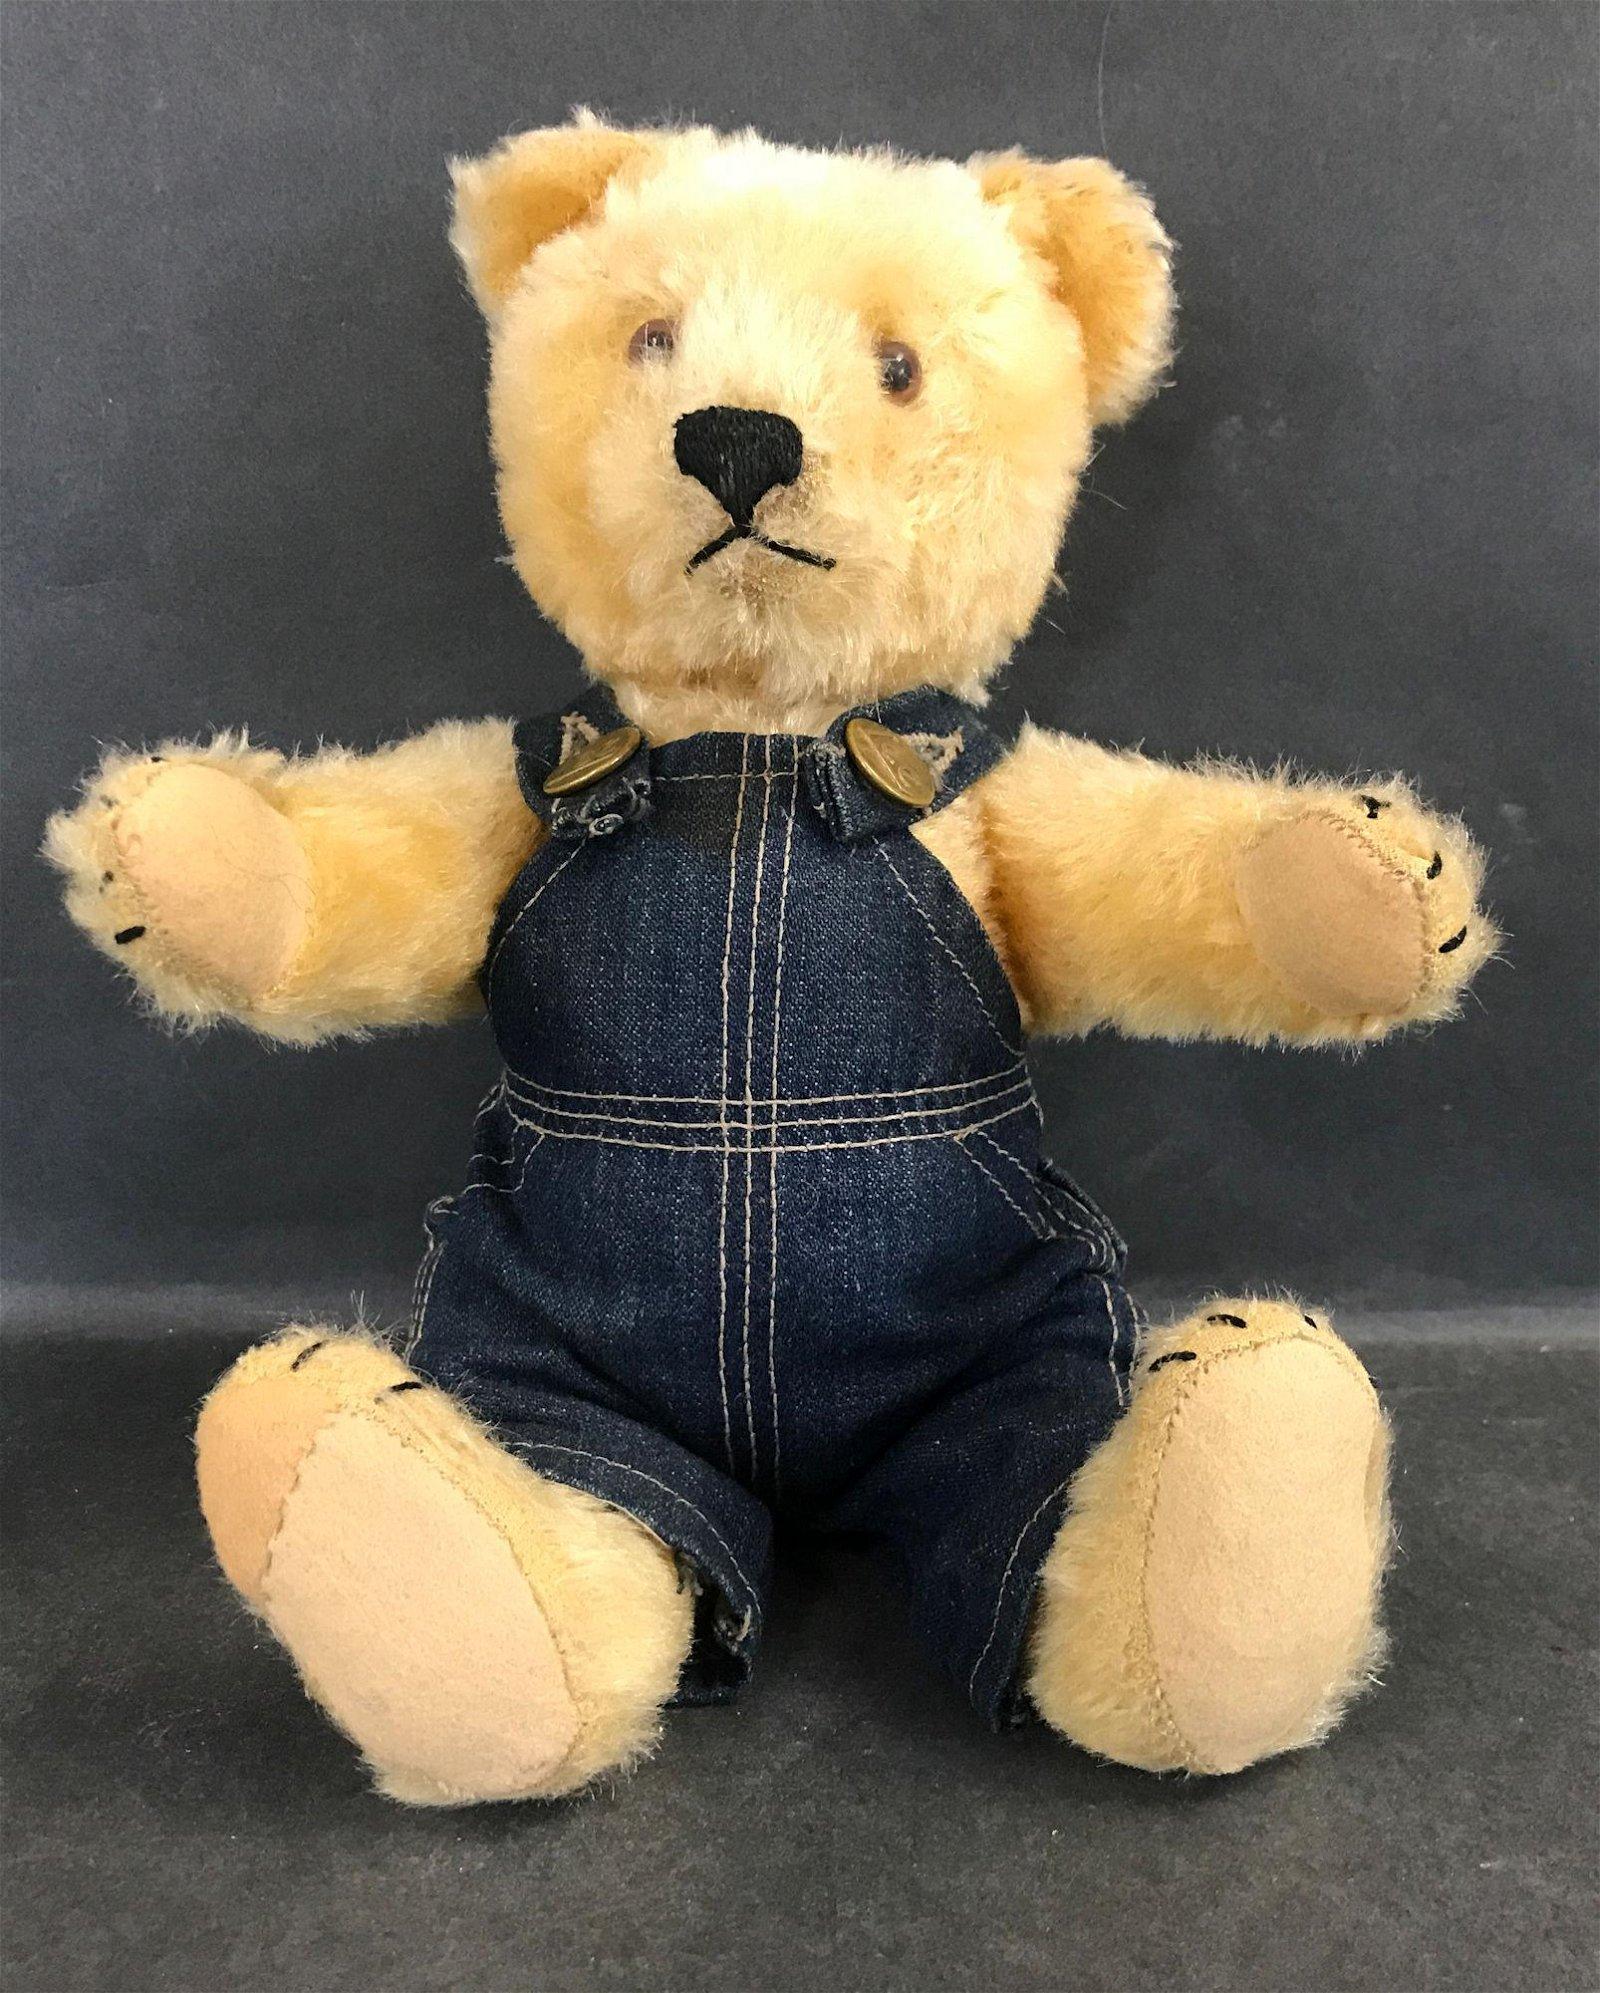 VINTAGE GOLD MOHAIR TEDDY BEAR LIKELY STEIFF. DISK